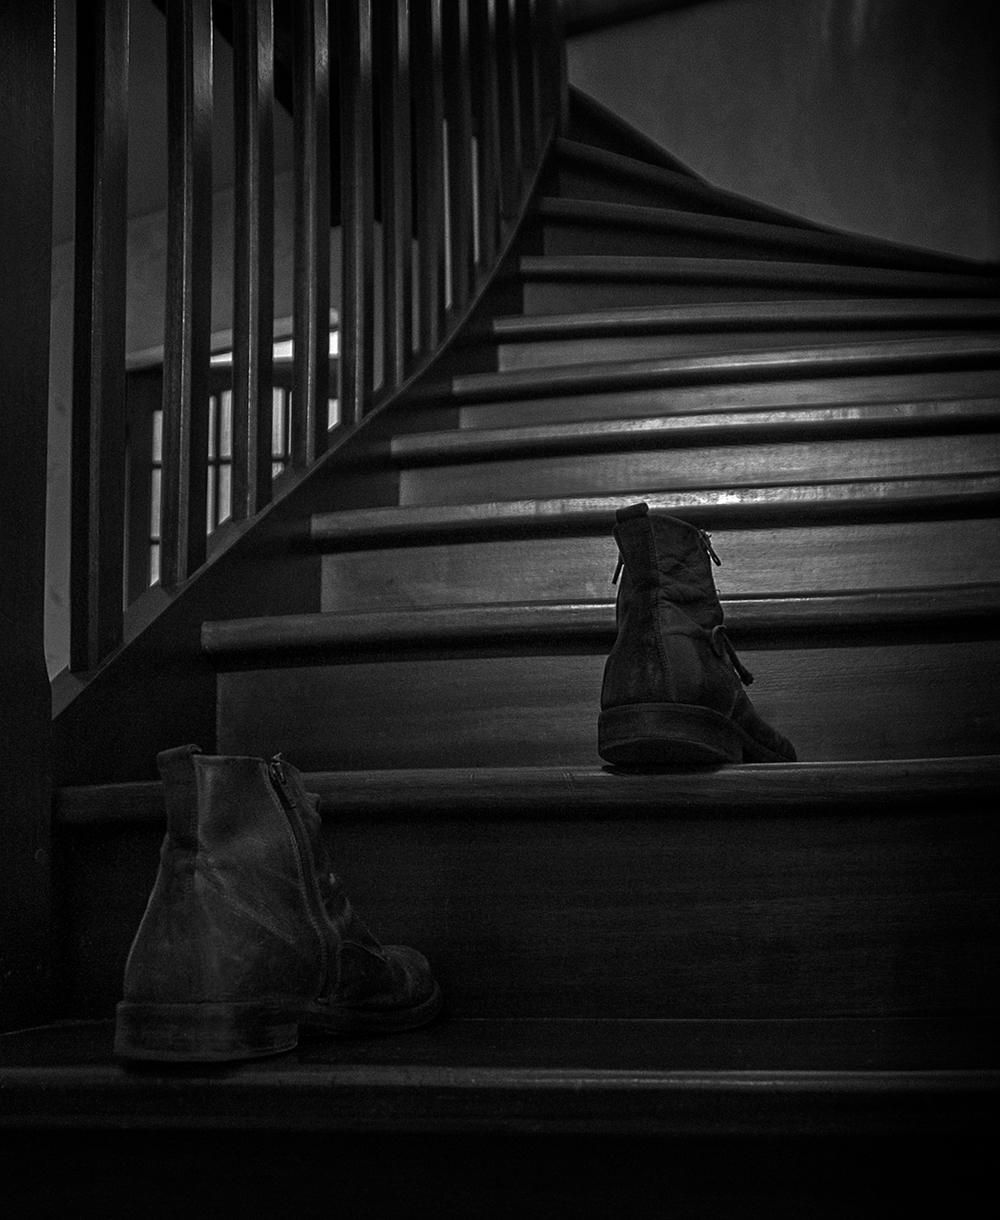 escalier ..